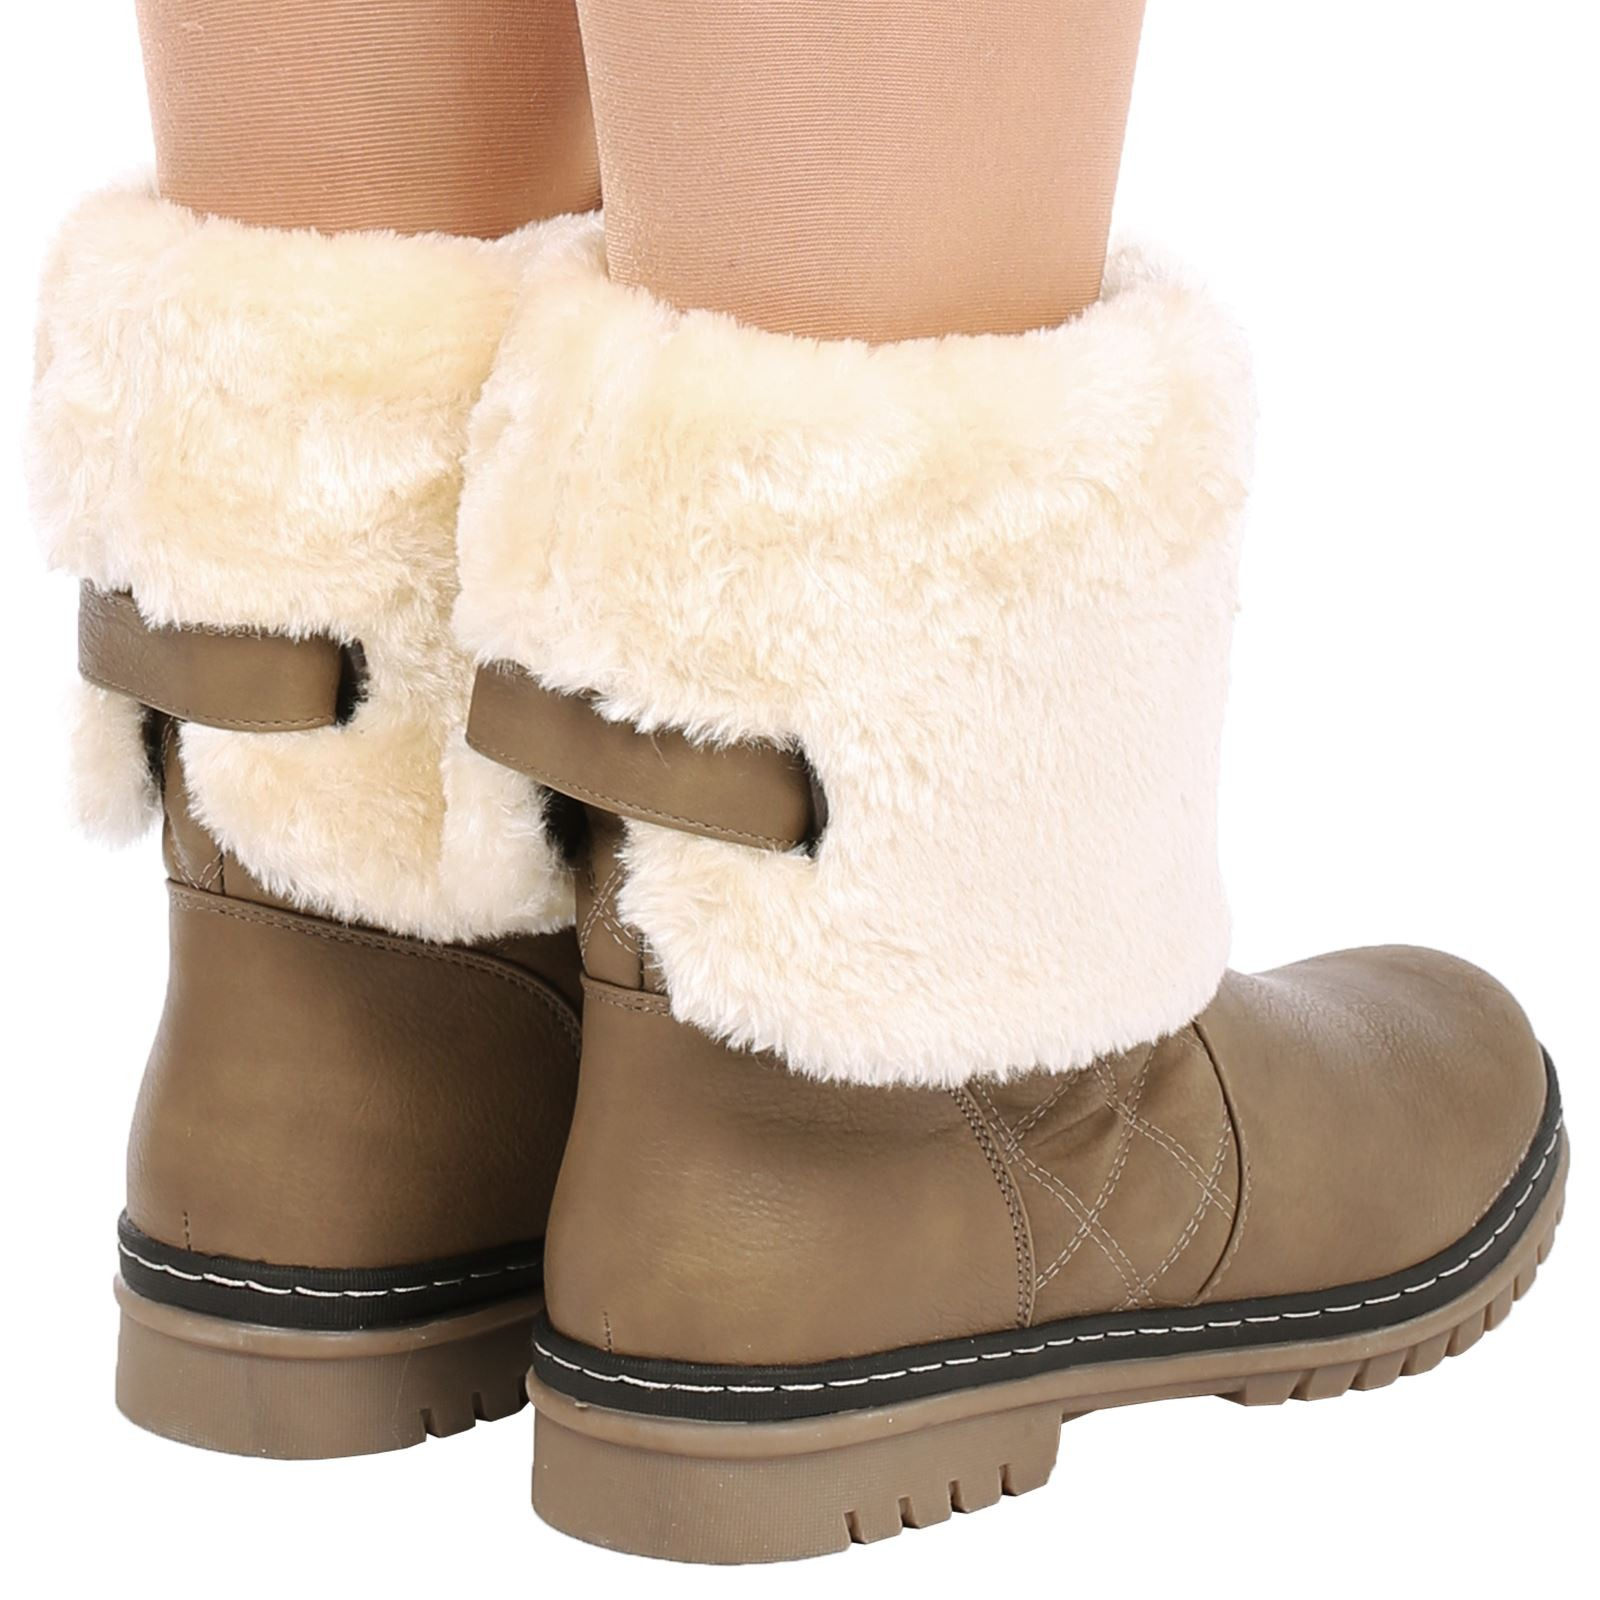 bfbfb0bc8103f Zimné čižmy Khaki – Sissy Boutique